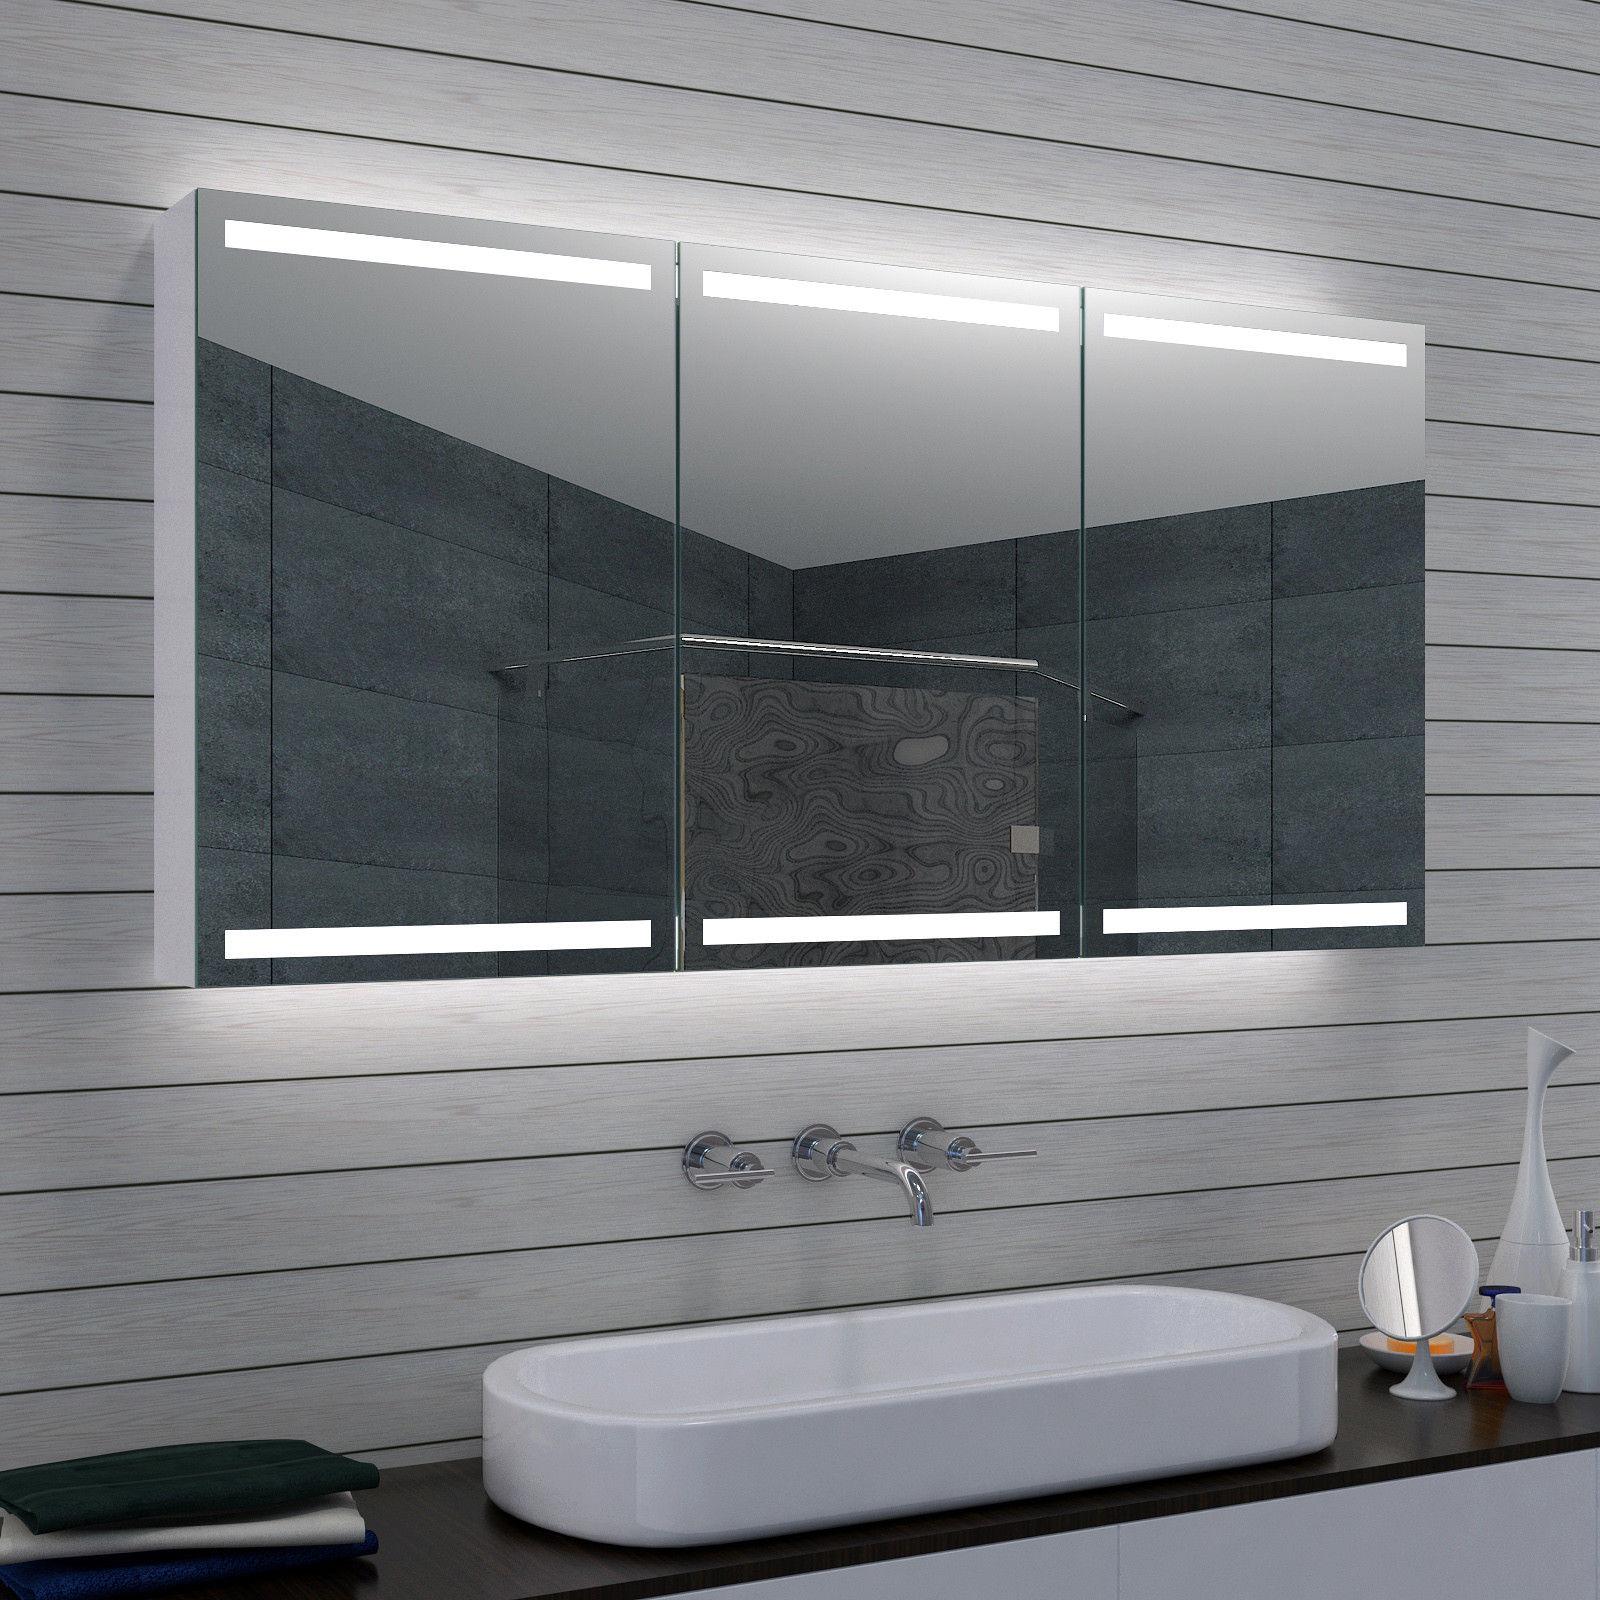 Spiegelschrank Bad Mit Led 140x70 Cm Kalt Warm Spiegel Bad Schrank